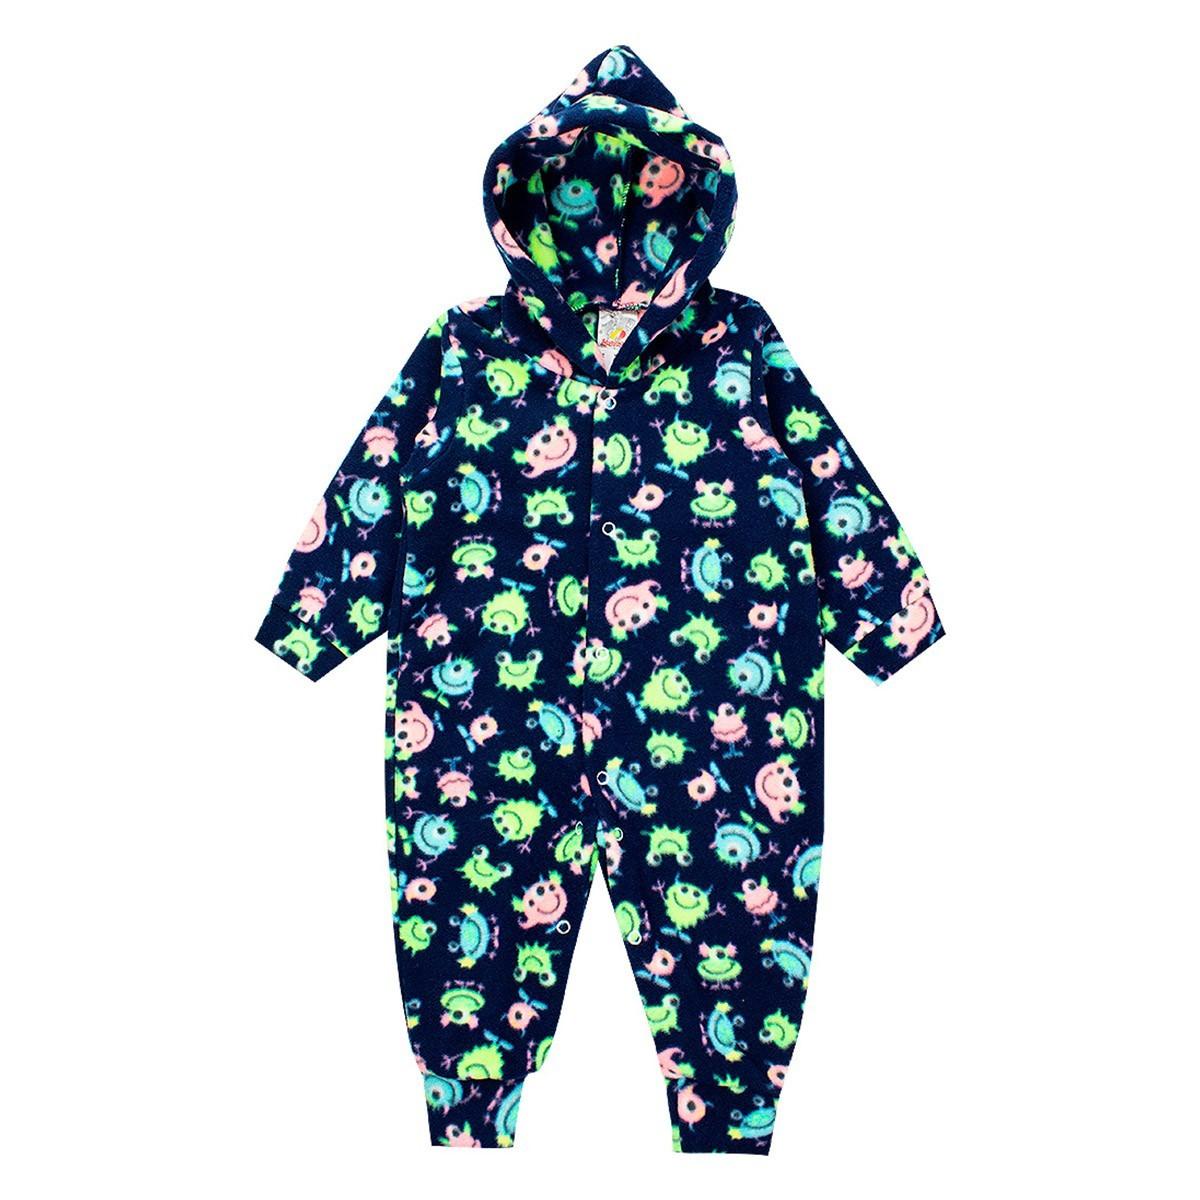 Macaquinho Bebê Menino Soft Com Botões Azul/Verde - Isensee